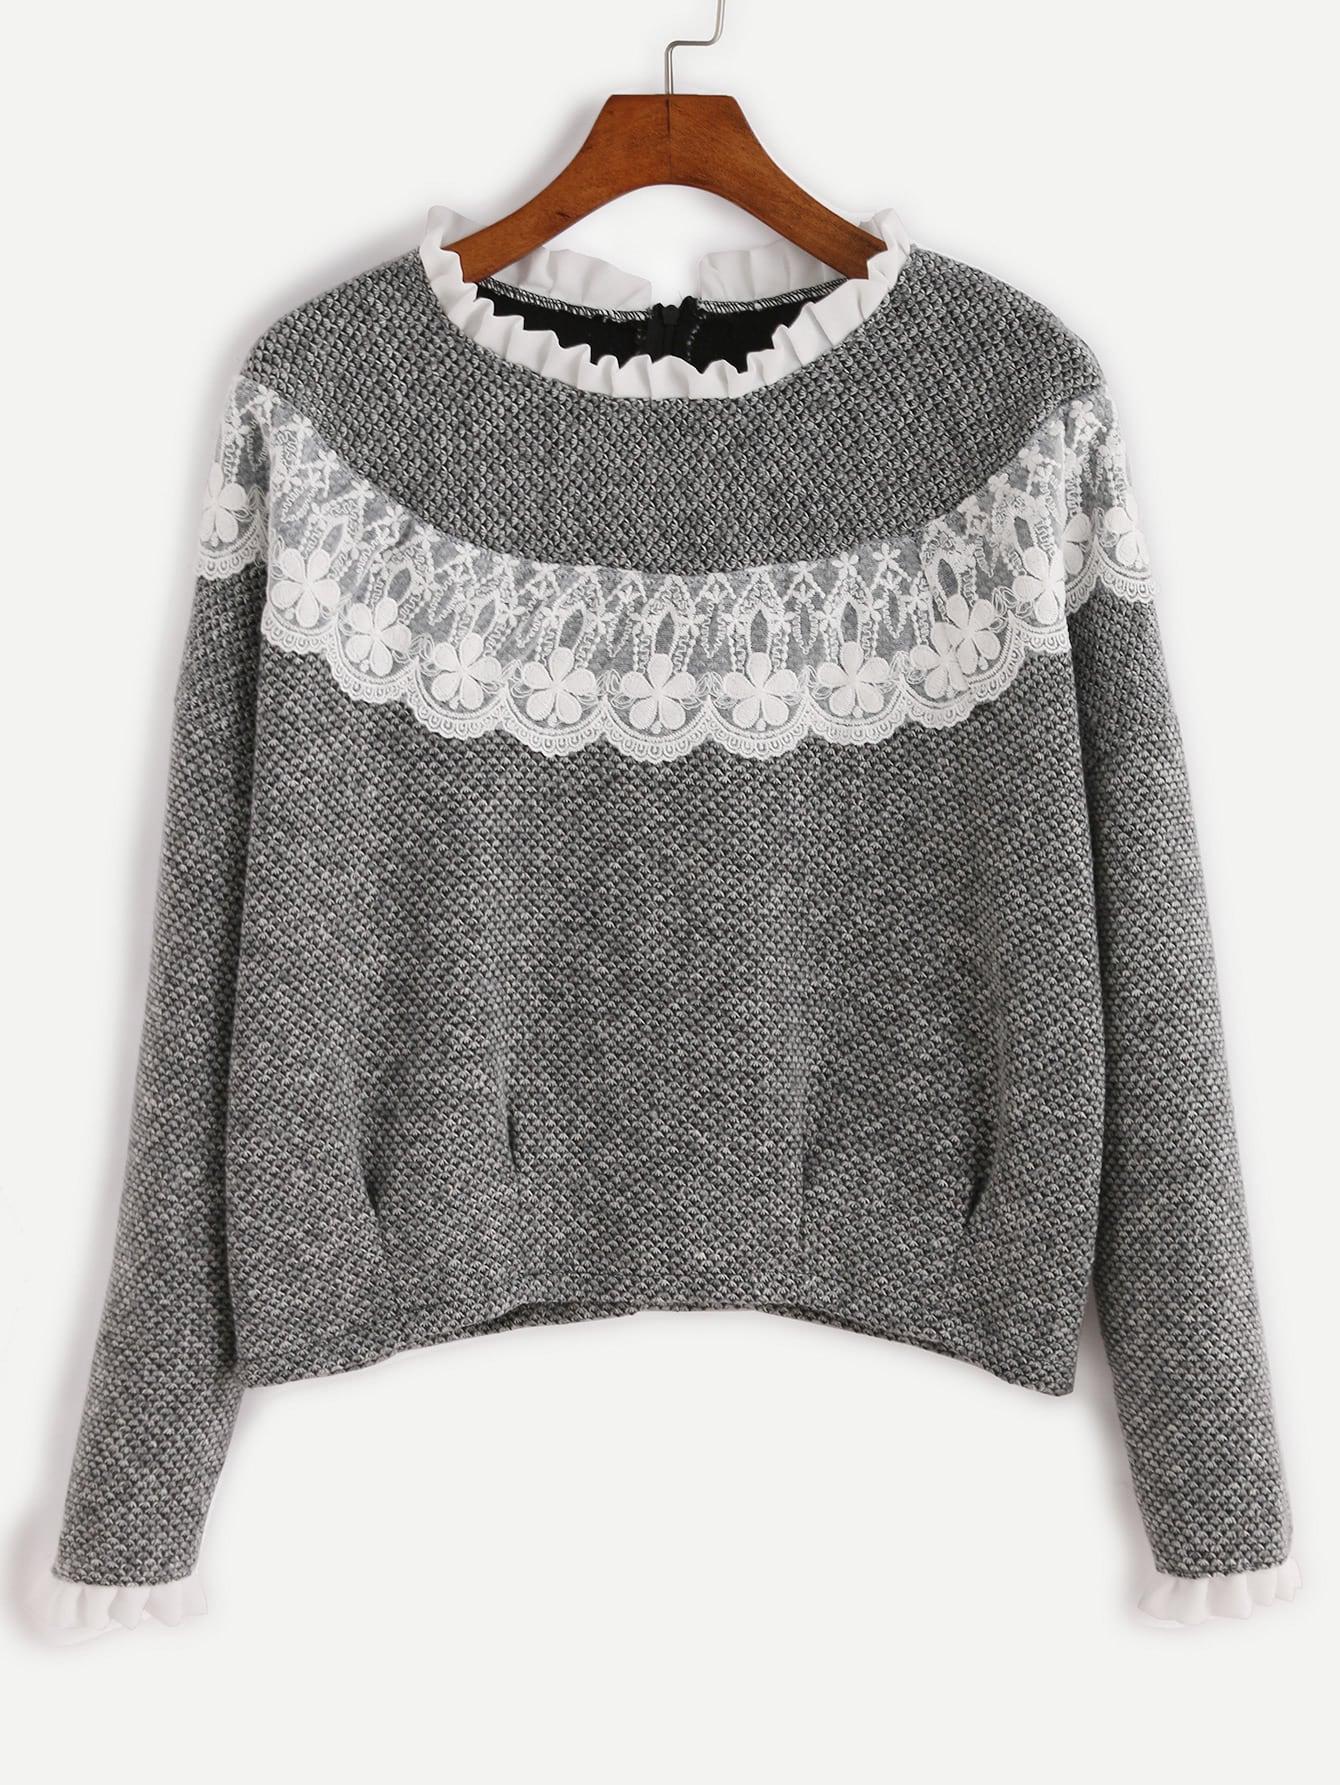 sweatshirt161019103_2